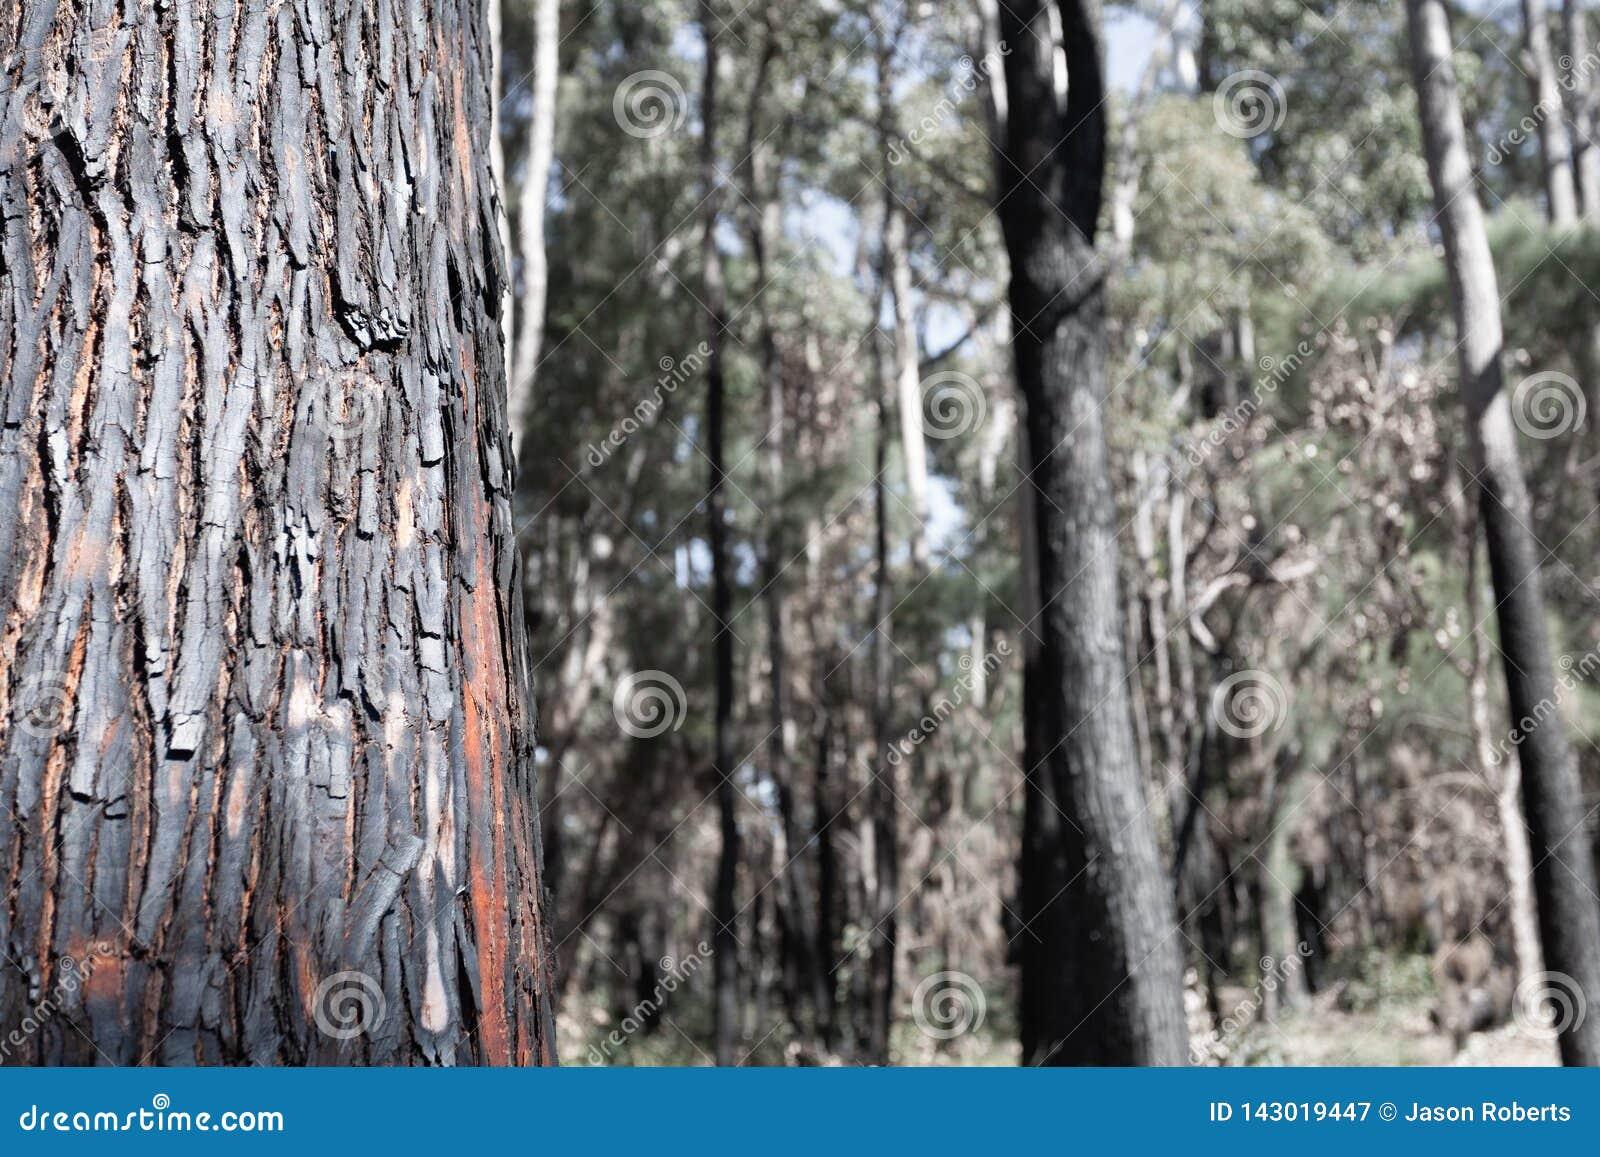 Сгоренный, сгоренный, ствол дерева лесного пожара в переднем плане с из деревьями фокуса в предпосылке